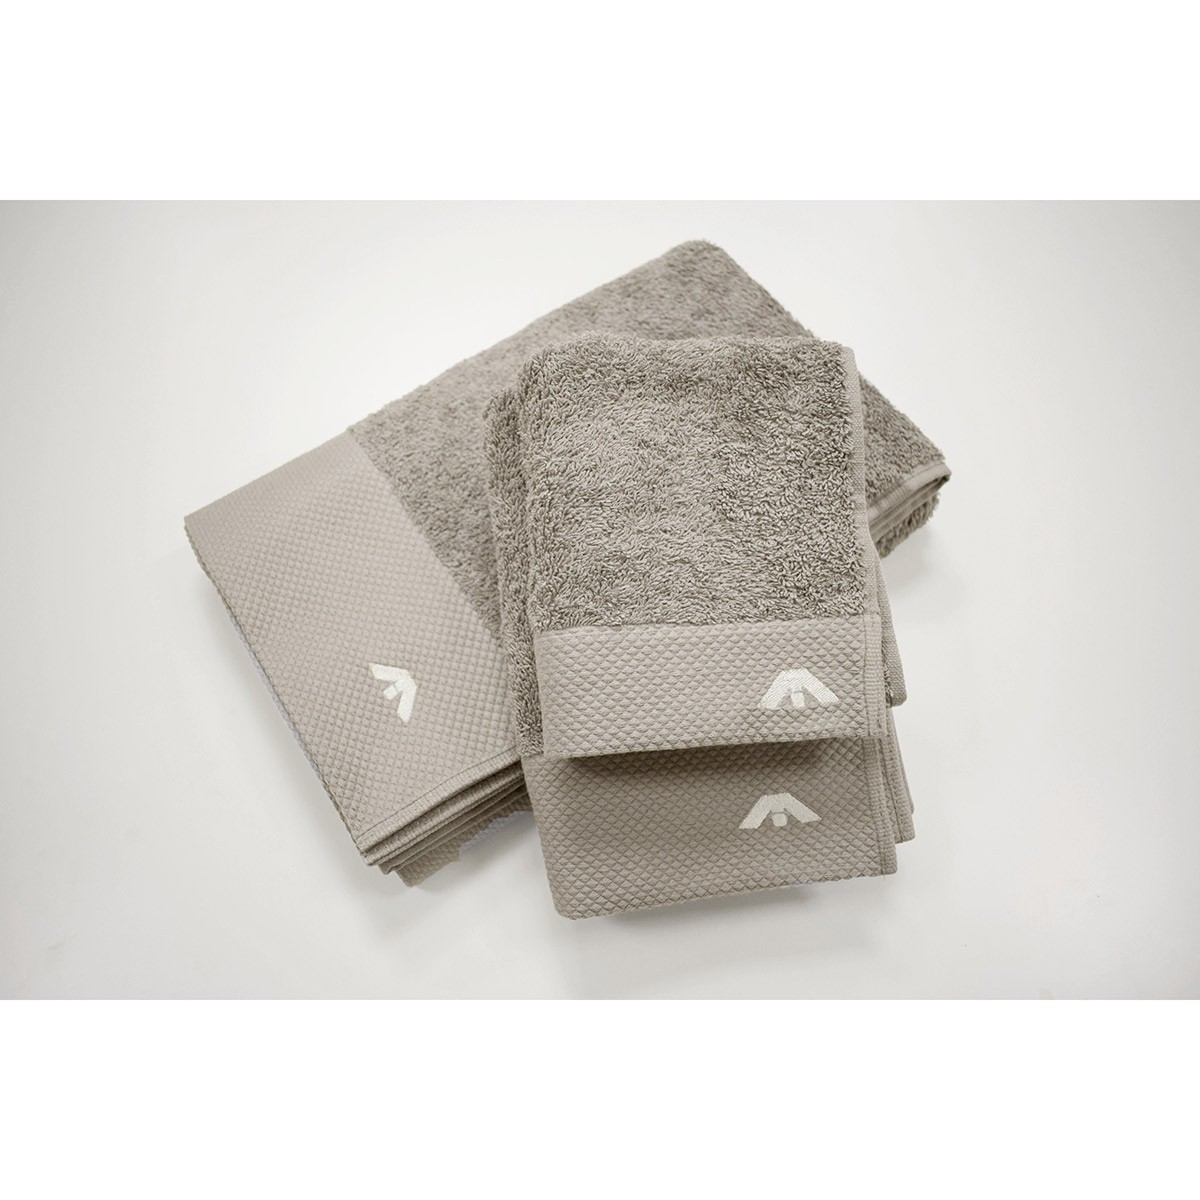 Πετσέτες Μπάνιου (Σετ 3τμχ) AP Milano Italia Dusty Beige